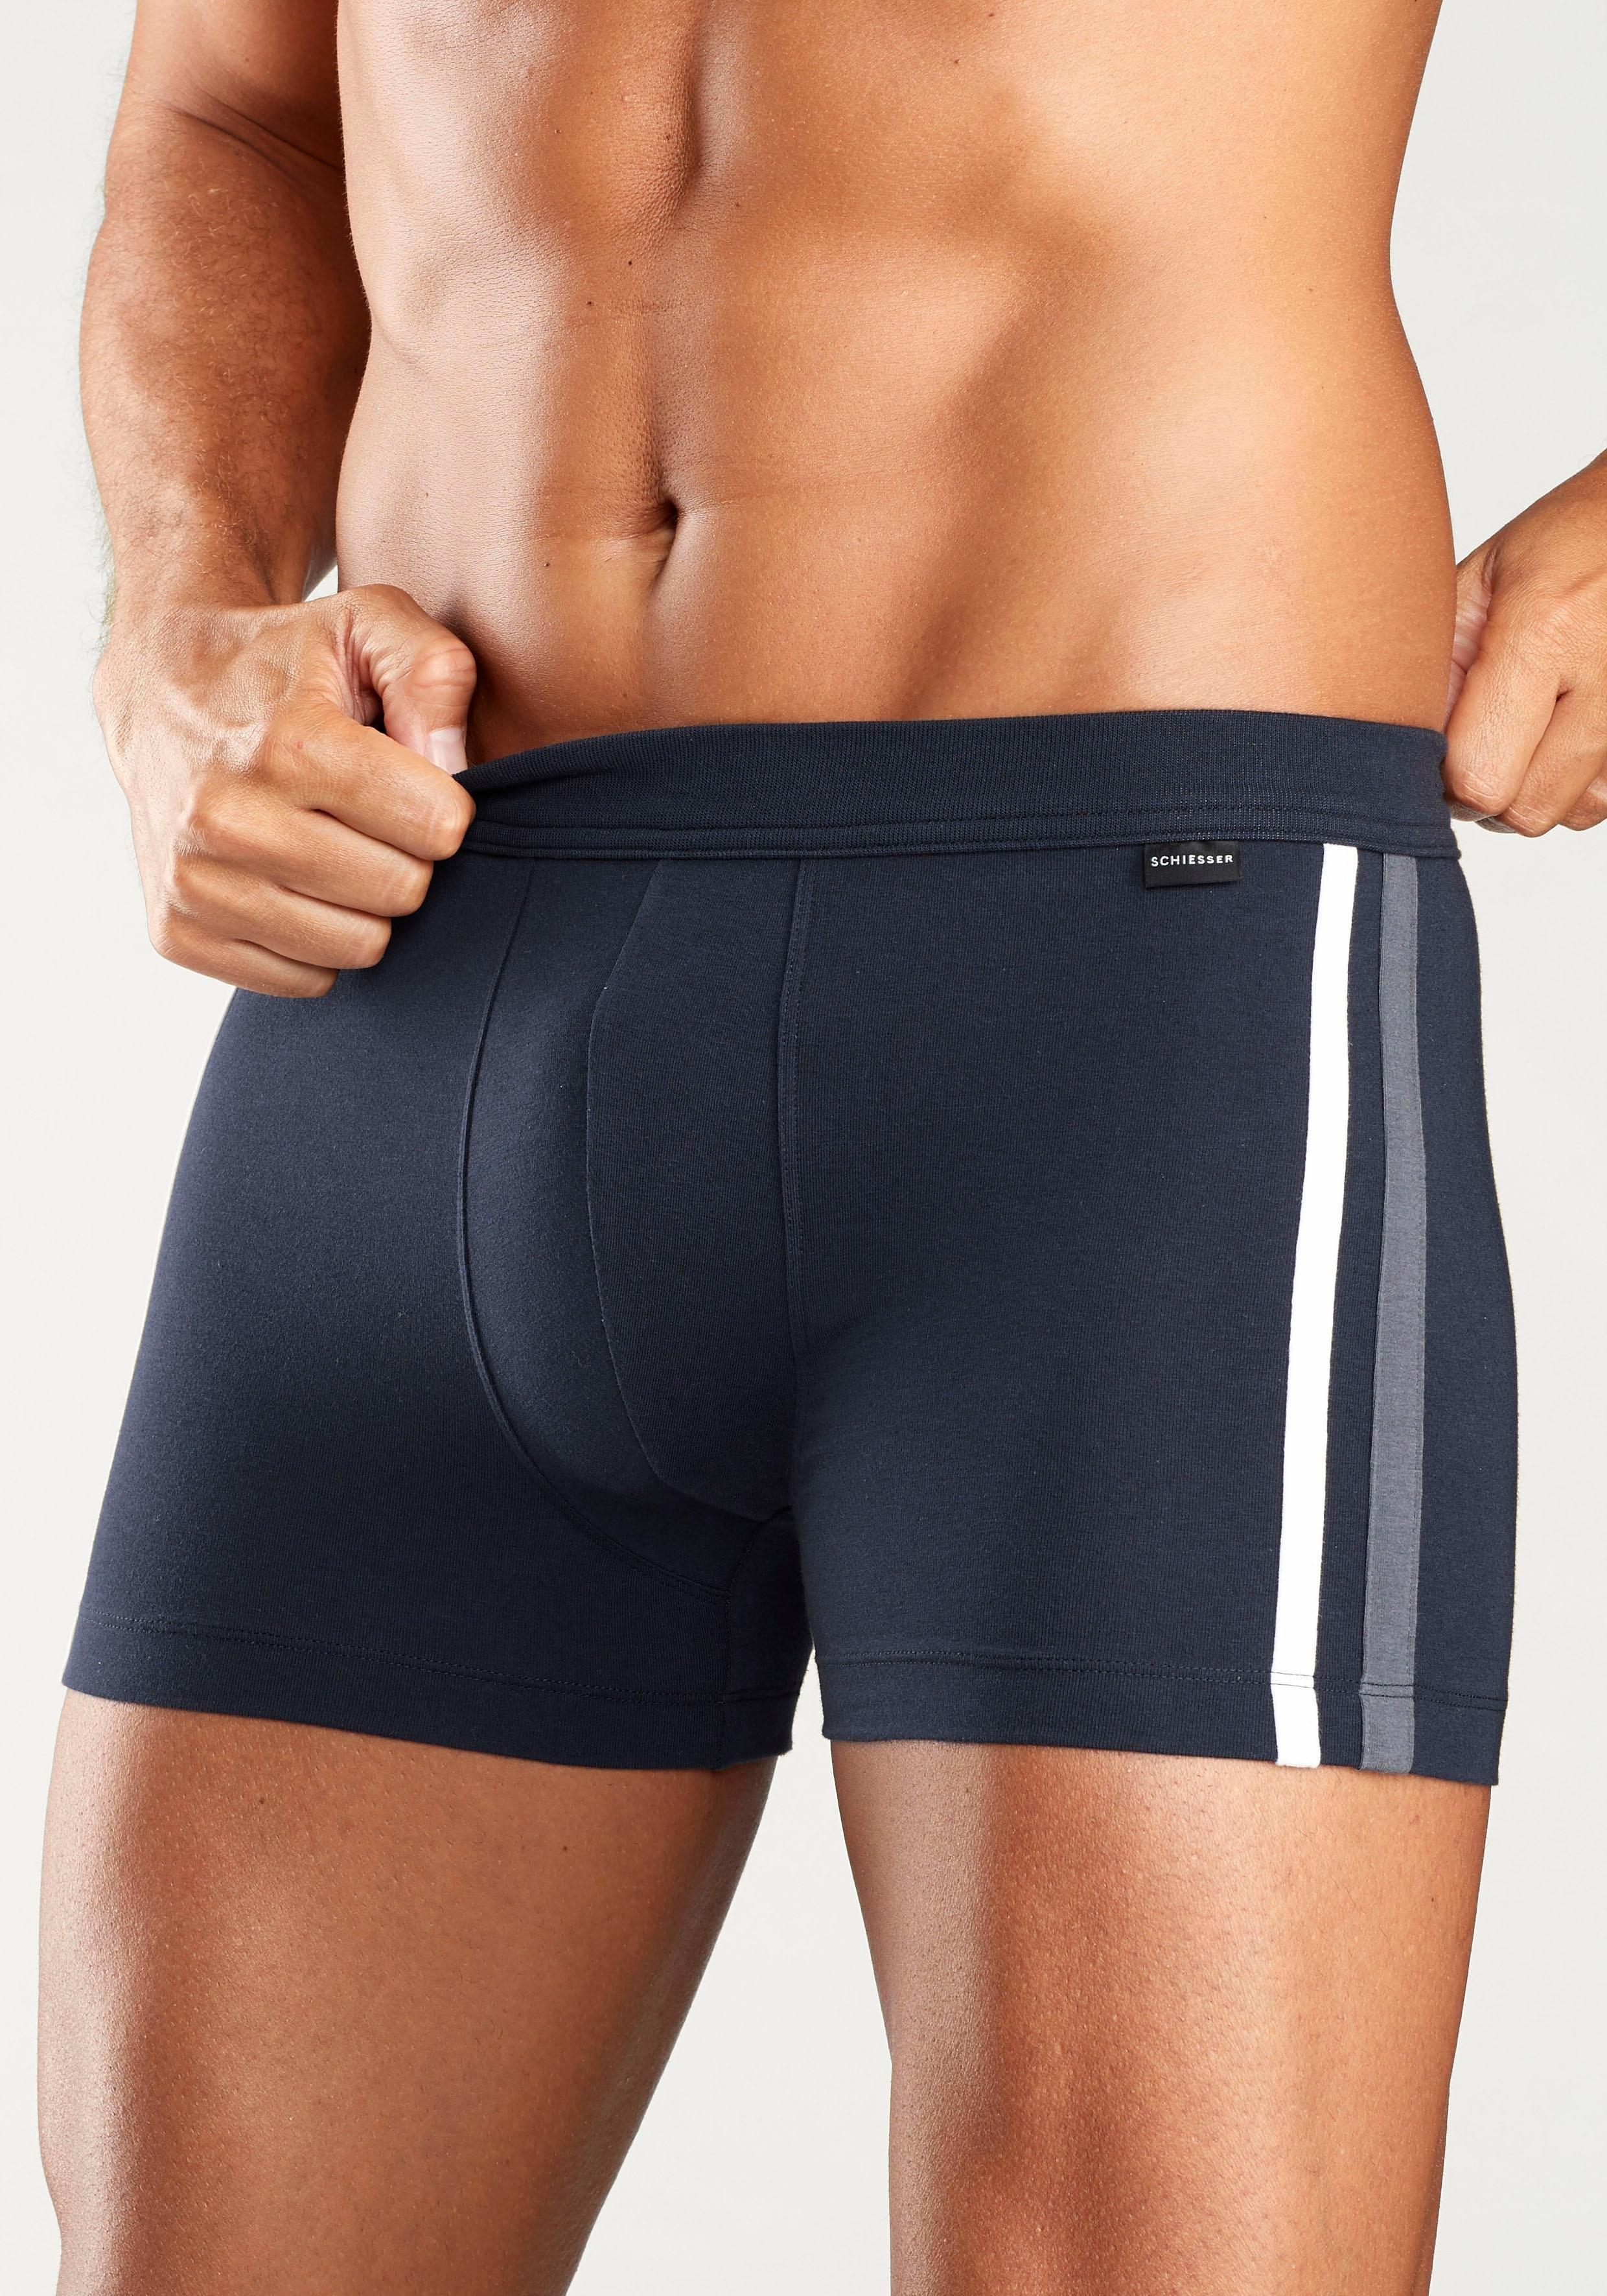 Op zoek naar een Schiesser boxershort met contrast-pipings? Koop online bij Lascana